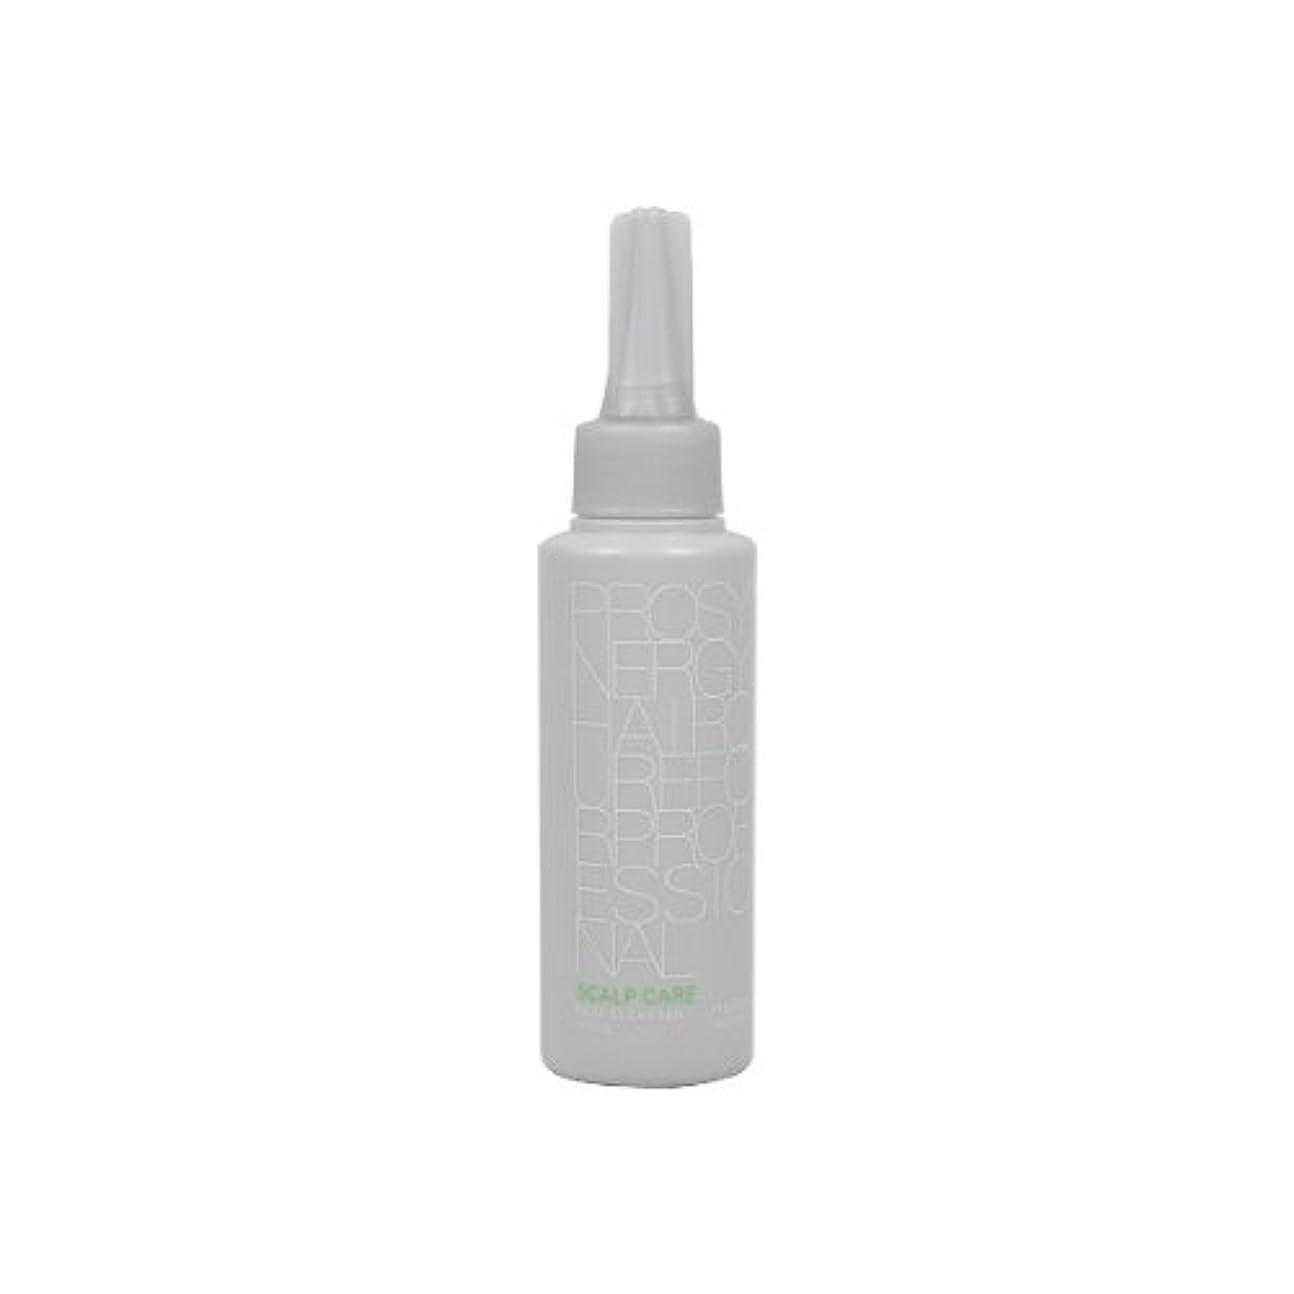 注ぎます発表ベーカリー資生堂プロフェッショナル プロシナジー スカルプケア ディープクレンザー 100ml shiseido